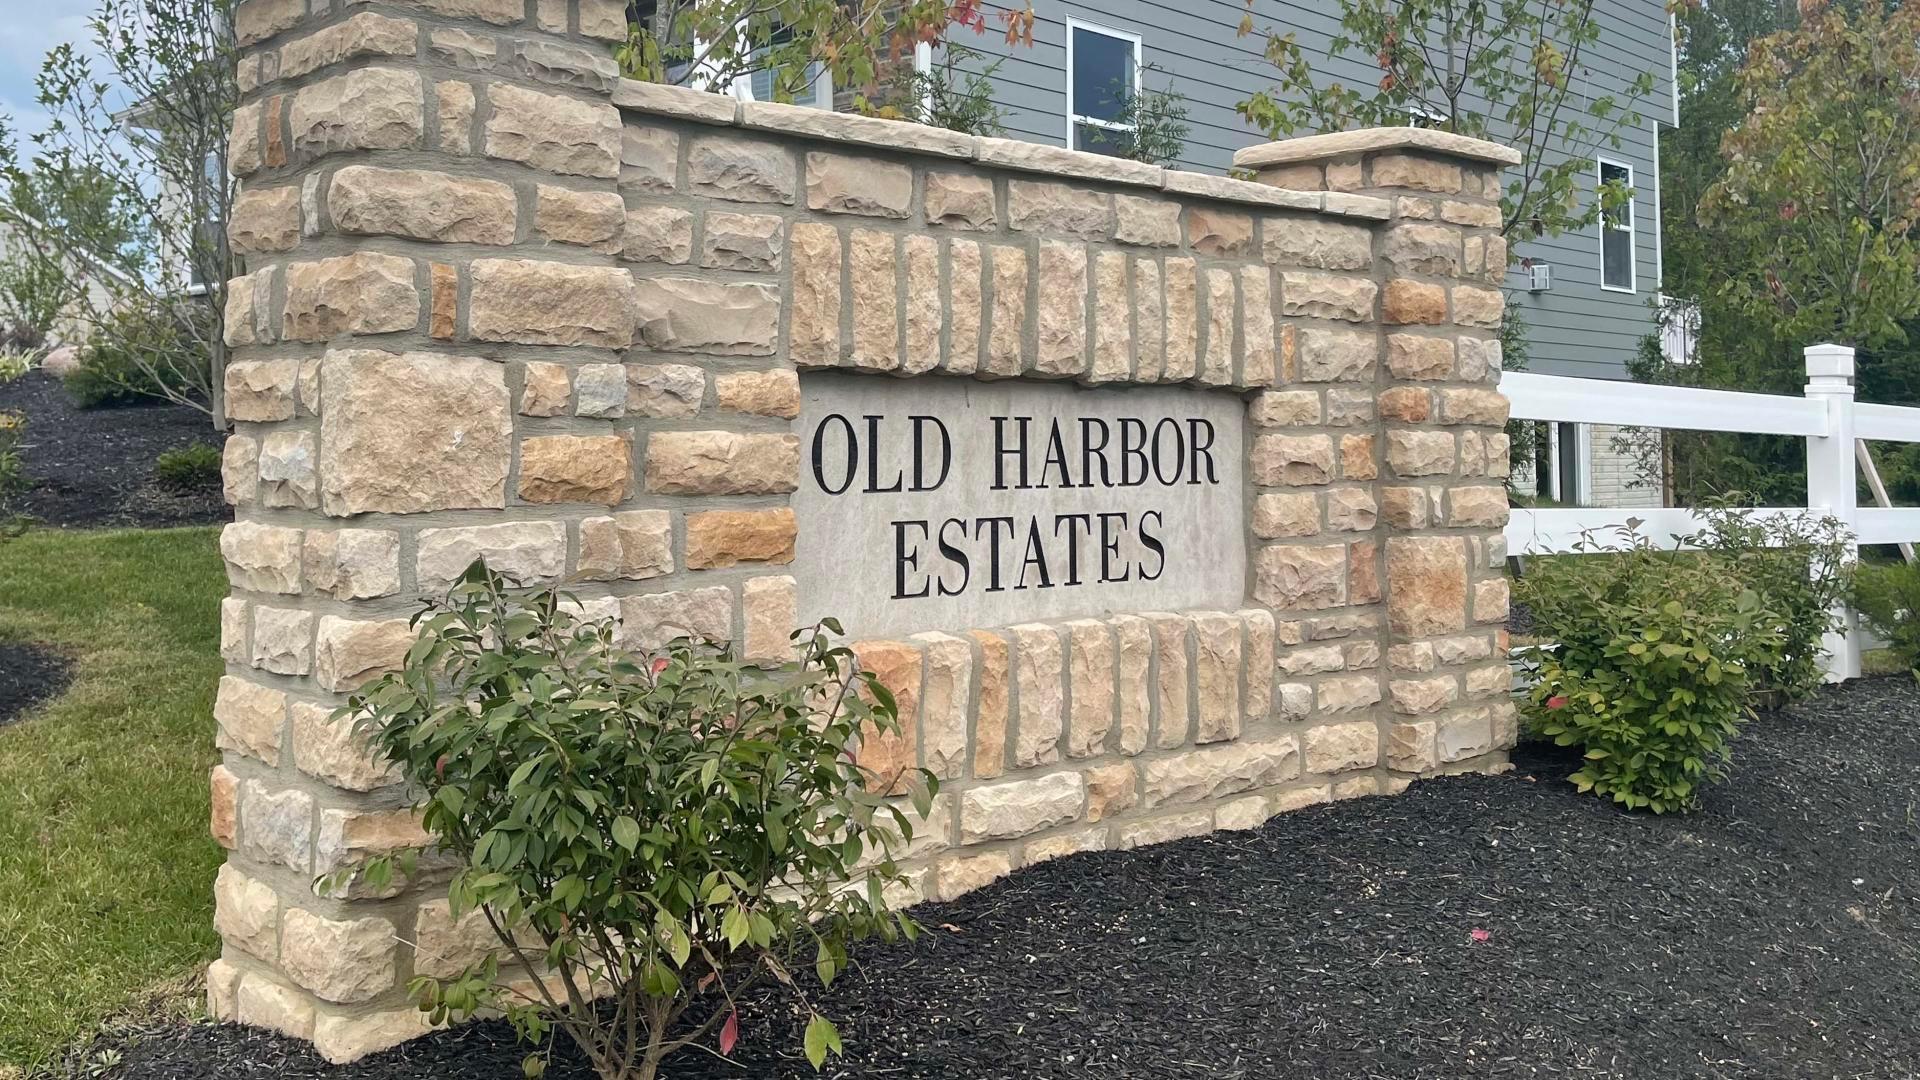 Old Harbor Estates,43035